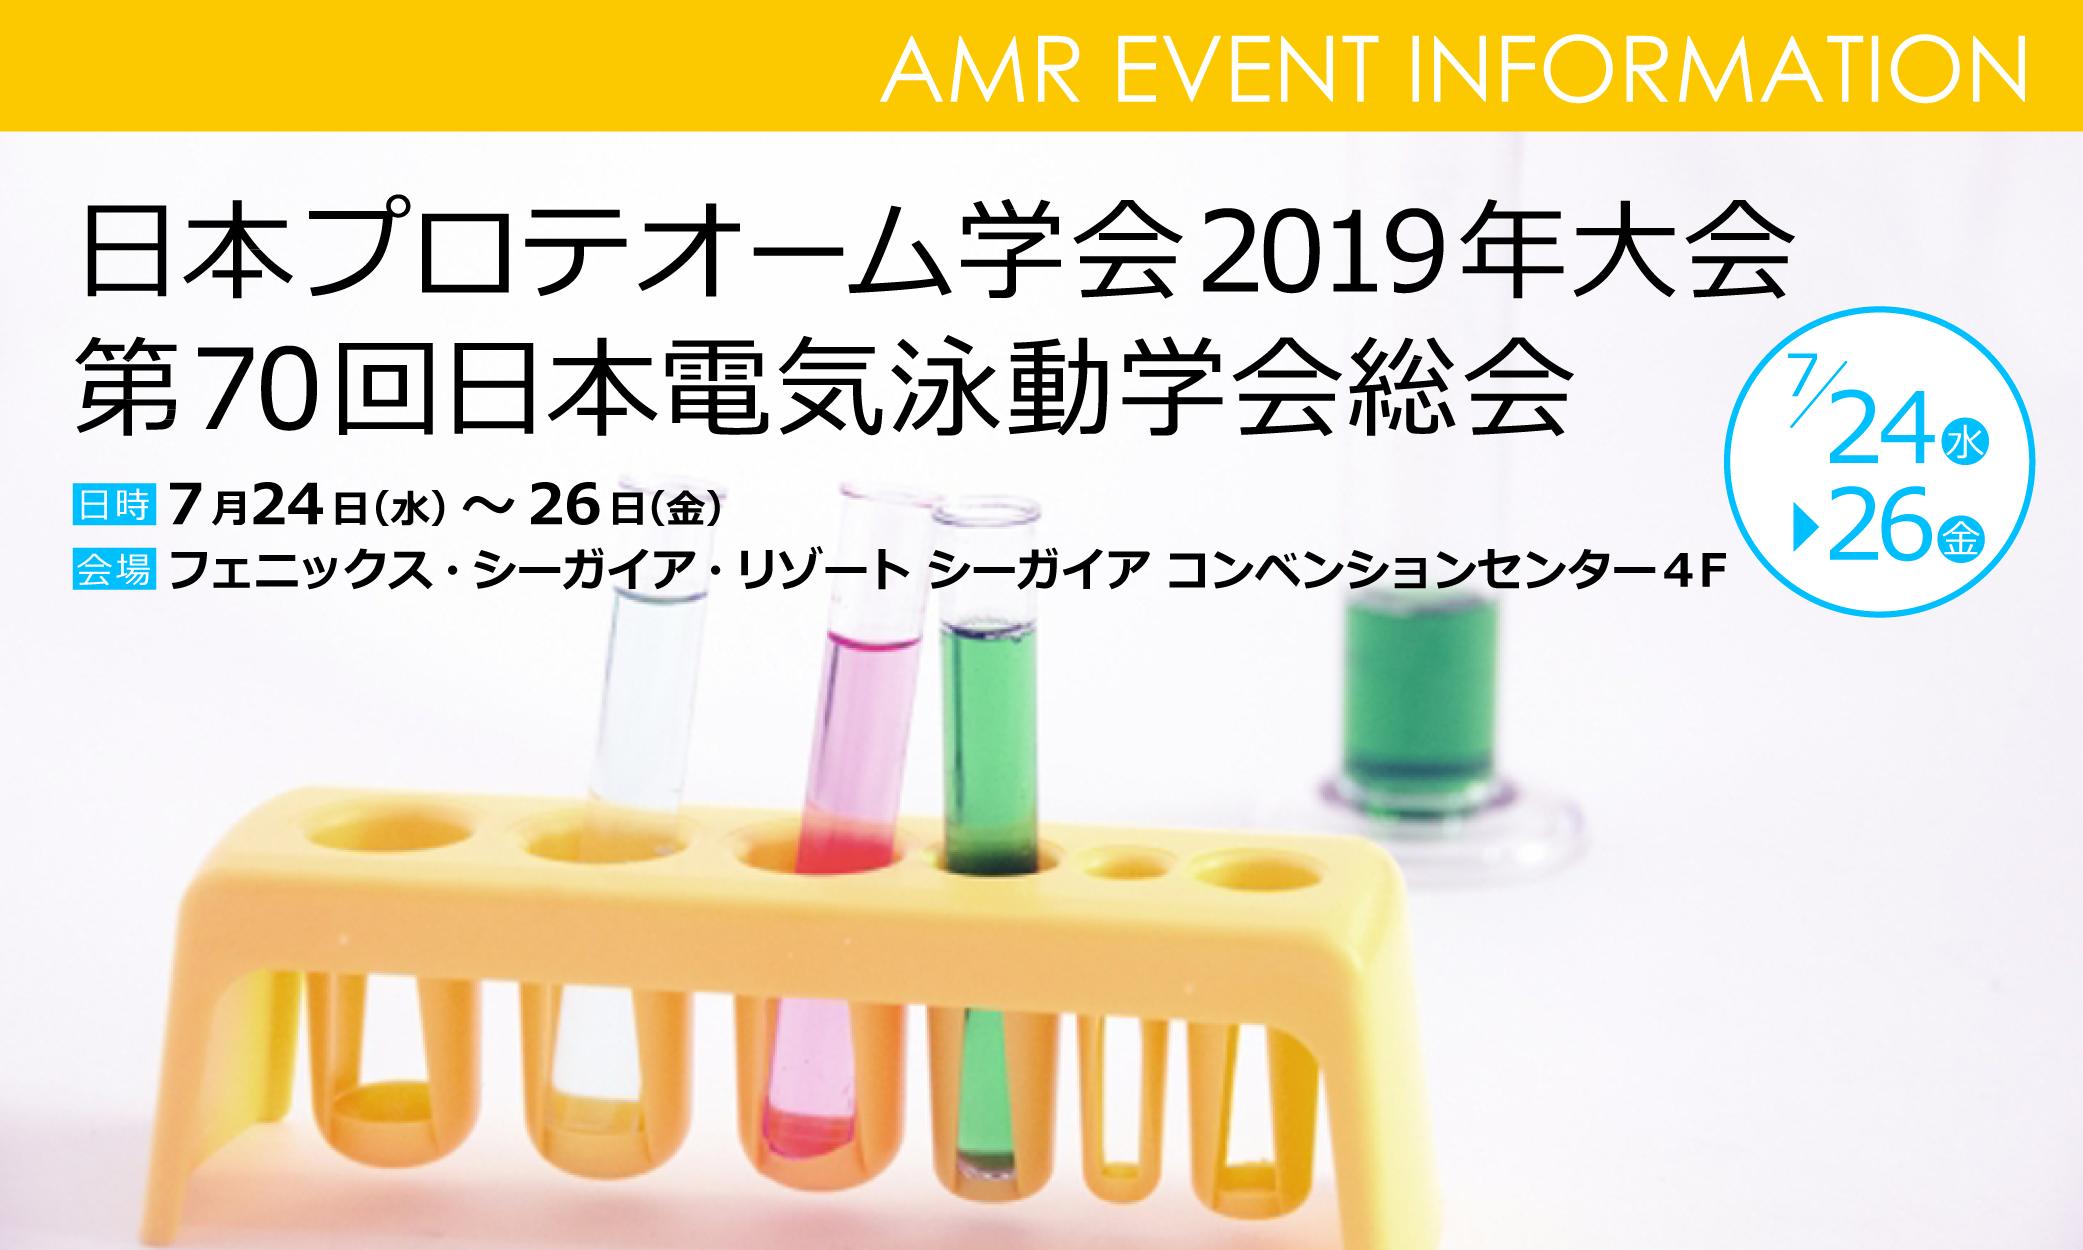 日本プロテオーム学会2019年大会の企業展示出展、ランチョンセミナー開催のお知らせ